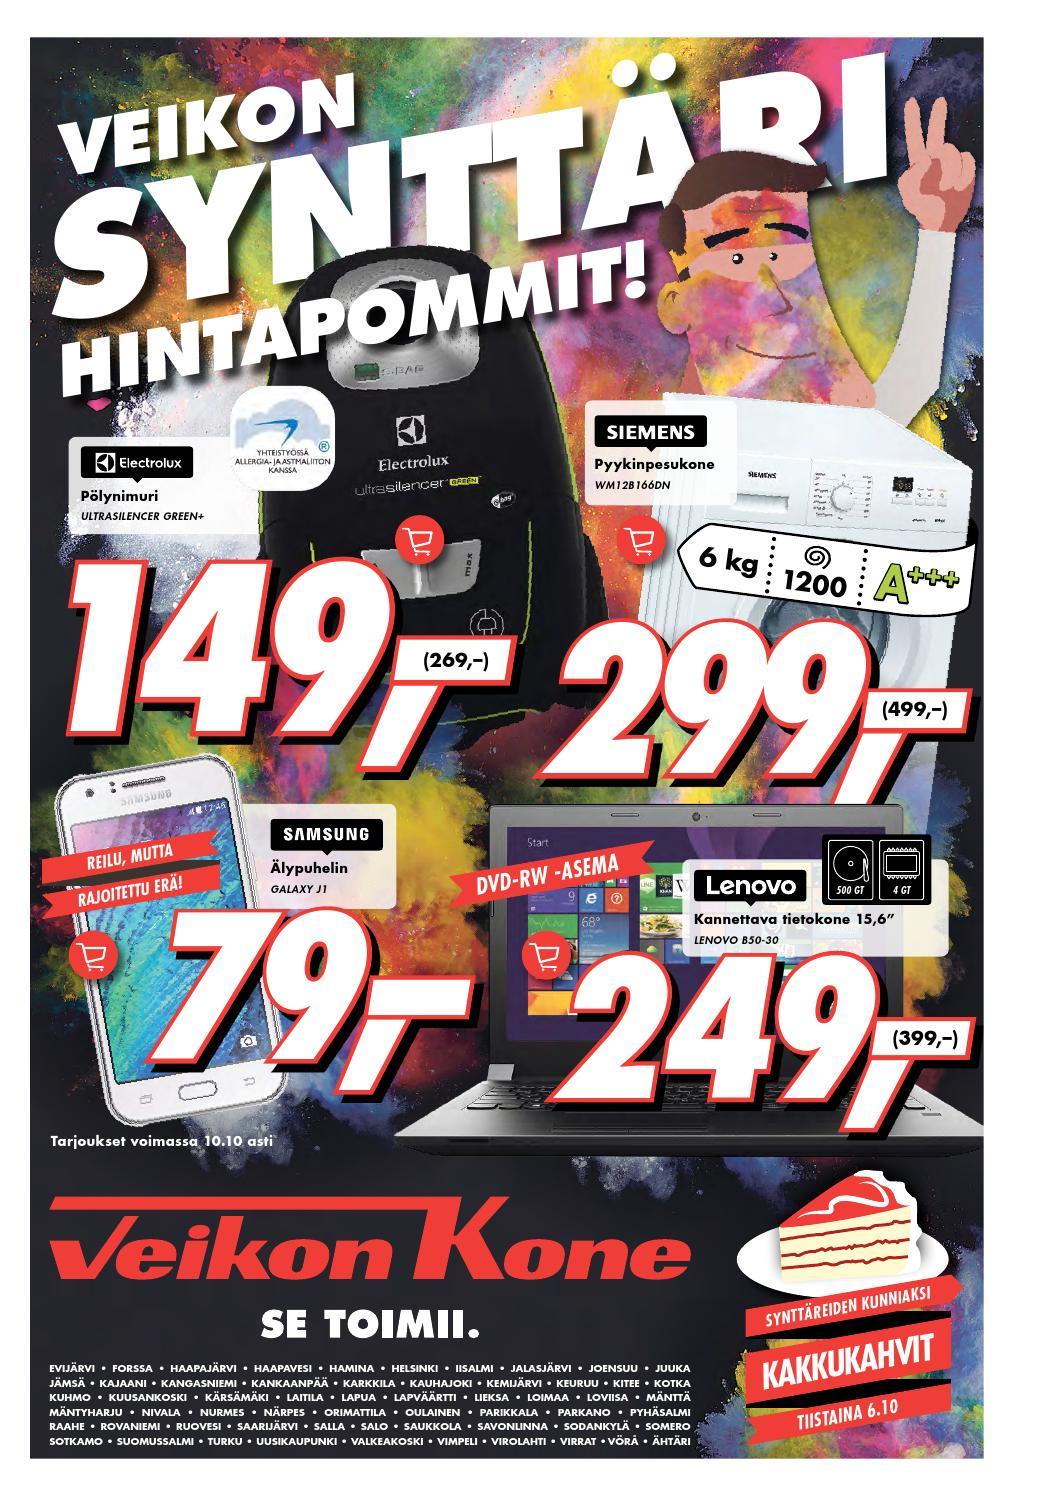 Veikon Kone Turku